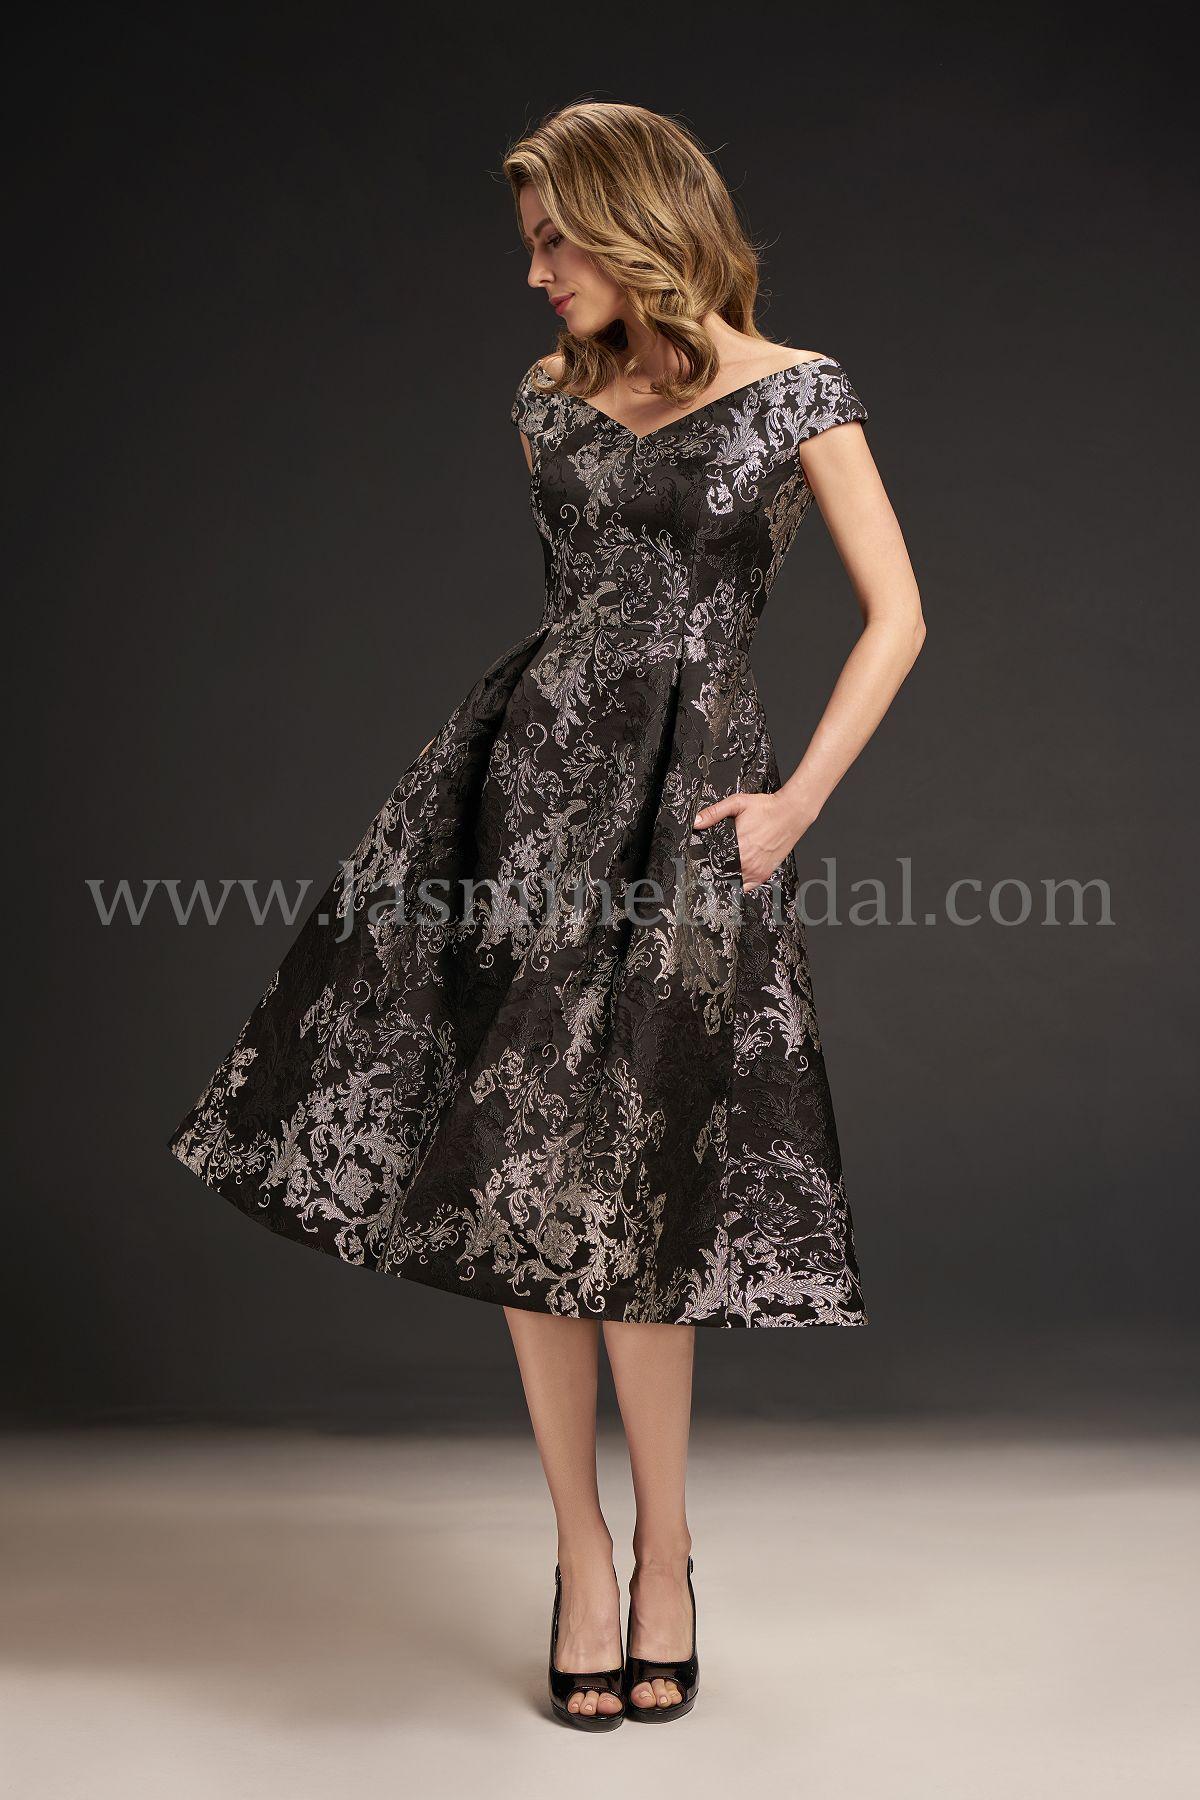 Jasmine Bridal Black Label Style M190065 in Black